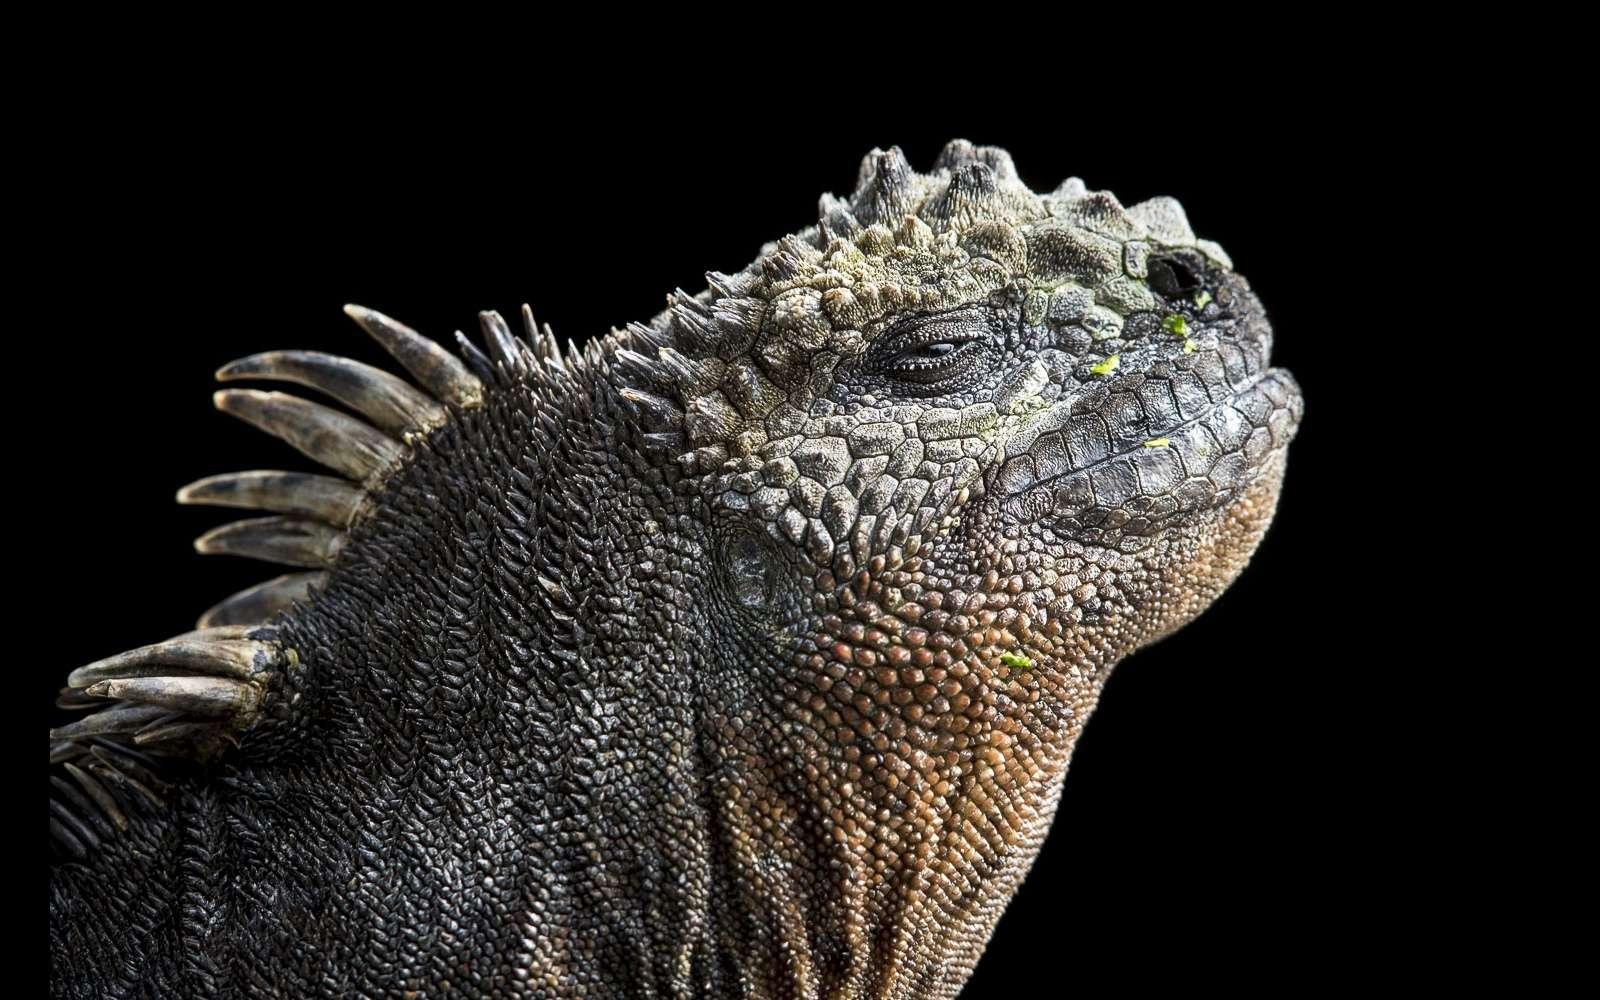 L'iguane marin des Galápagos est une espèce unique, mi-aquatique mi-terrestre, et son mode de vie l'est tout autant. © Maxime Aliaga, tous droits réservés